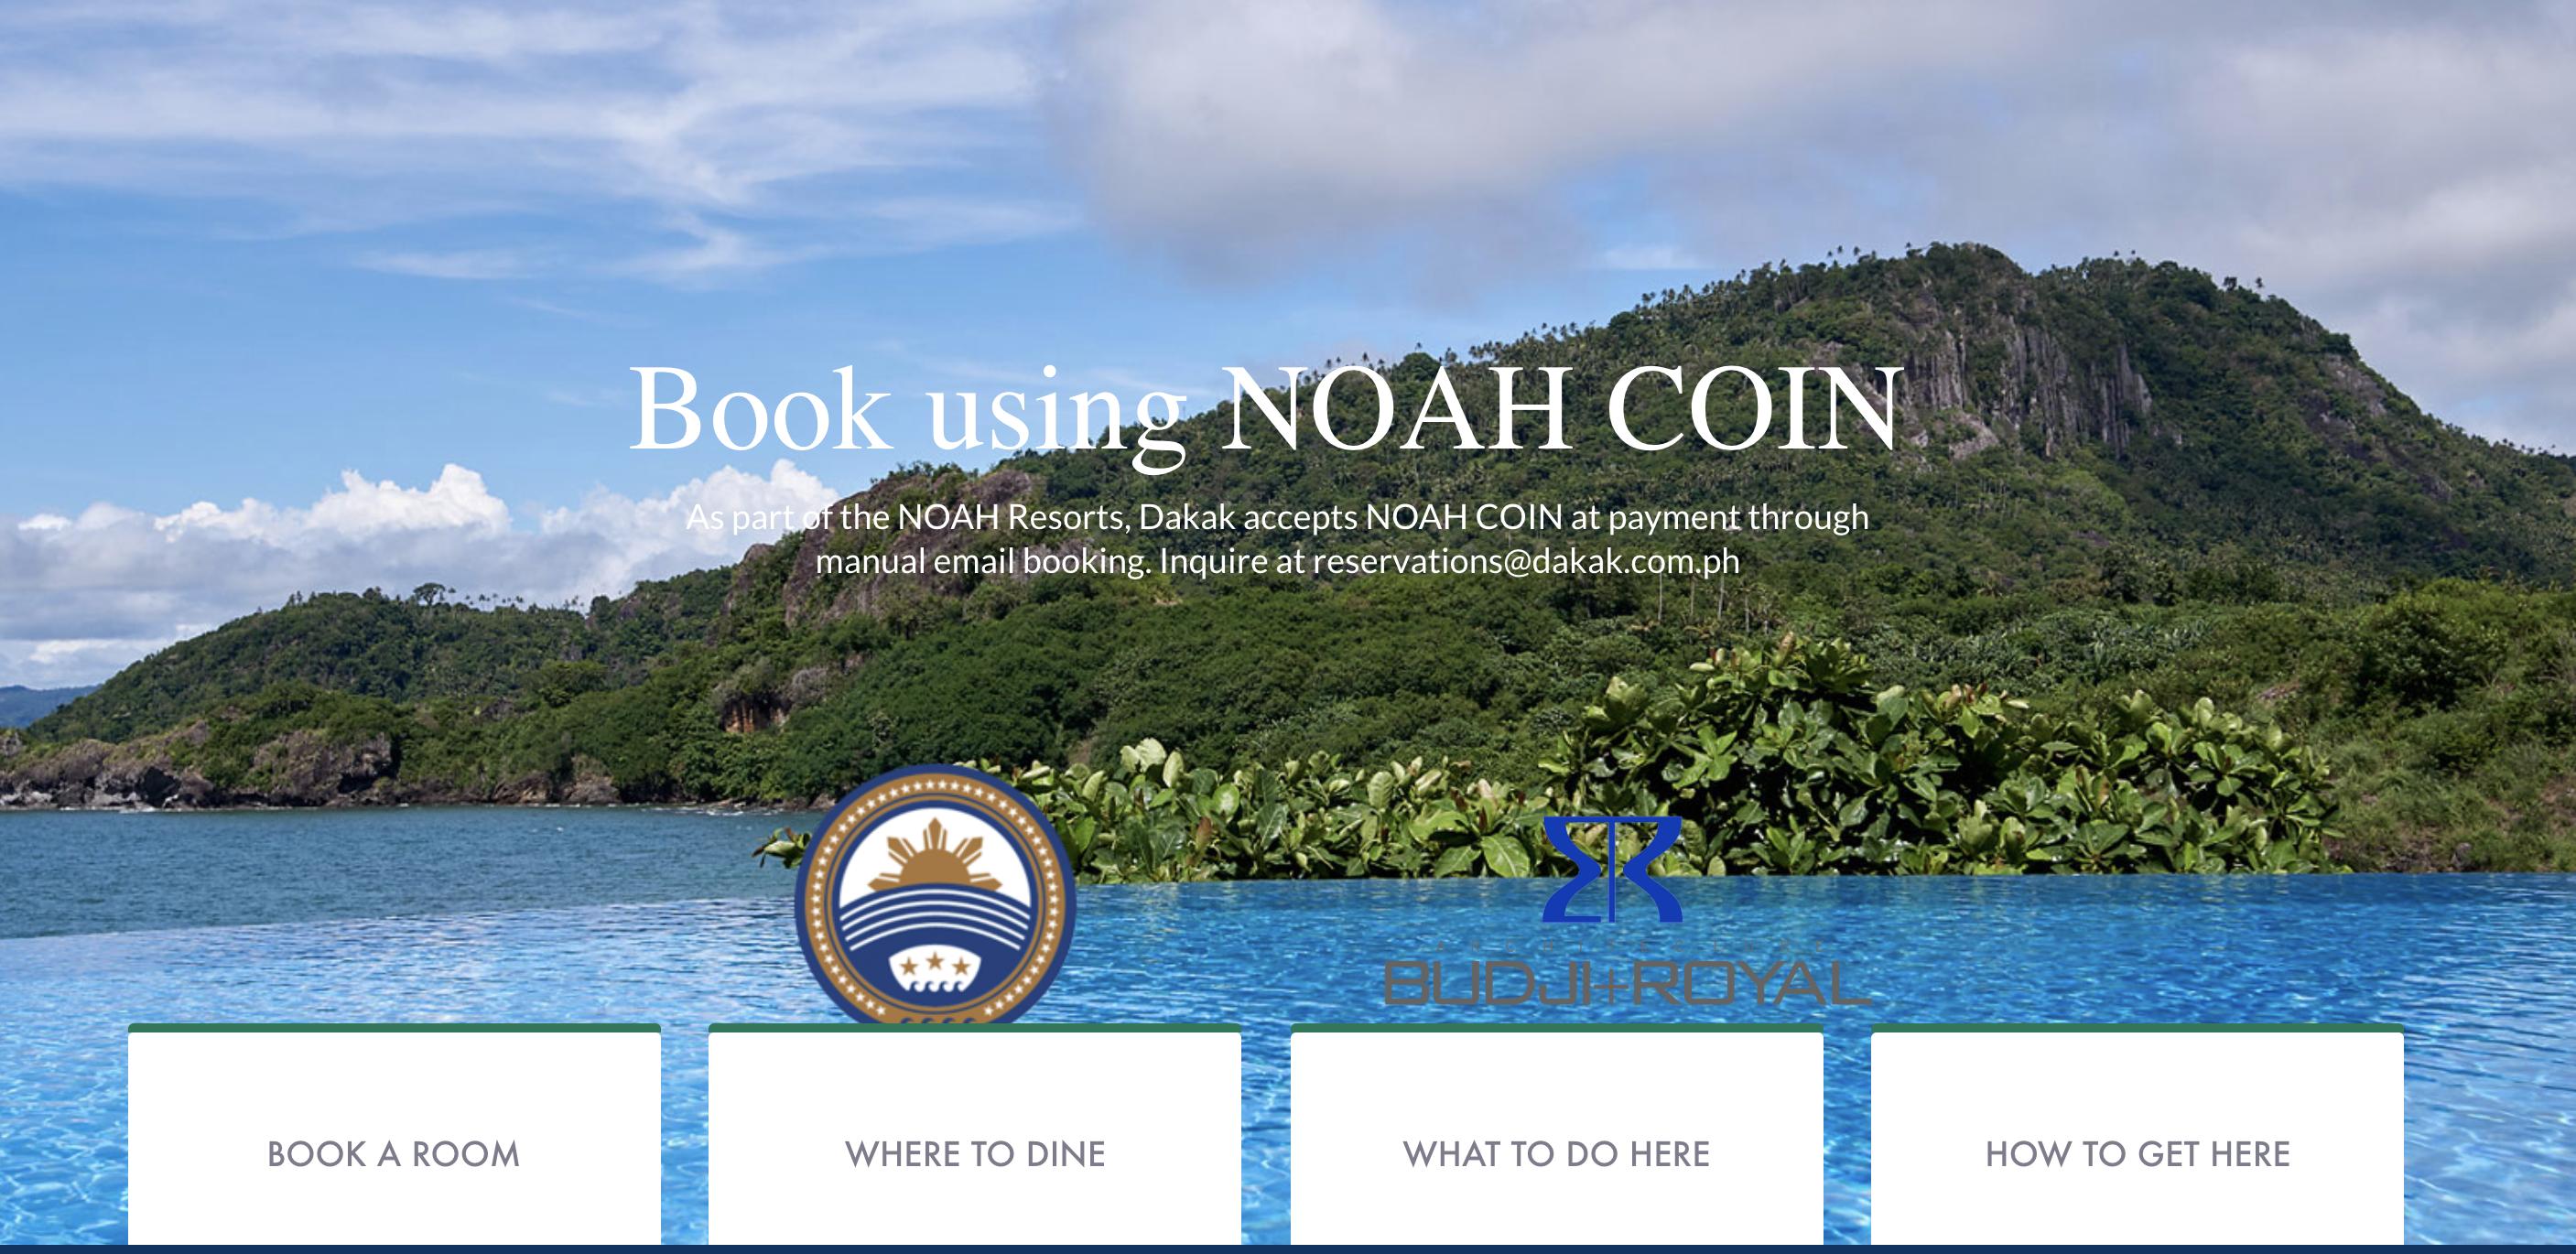 ダカックビーチリゾート NoahCoin(ノアコイン) 利用可能